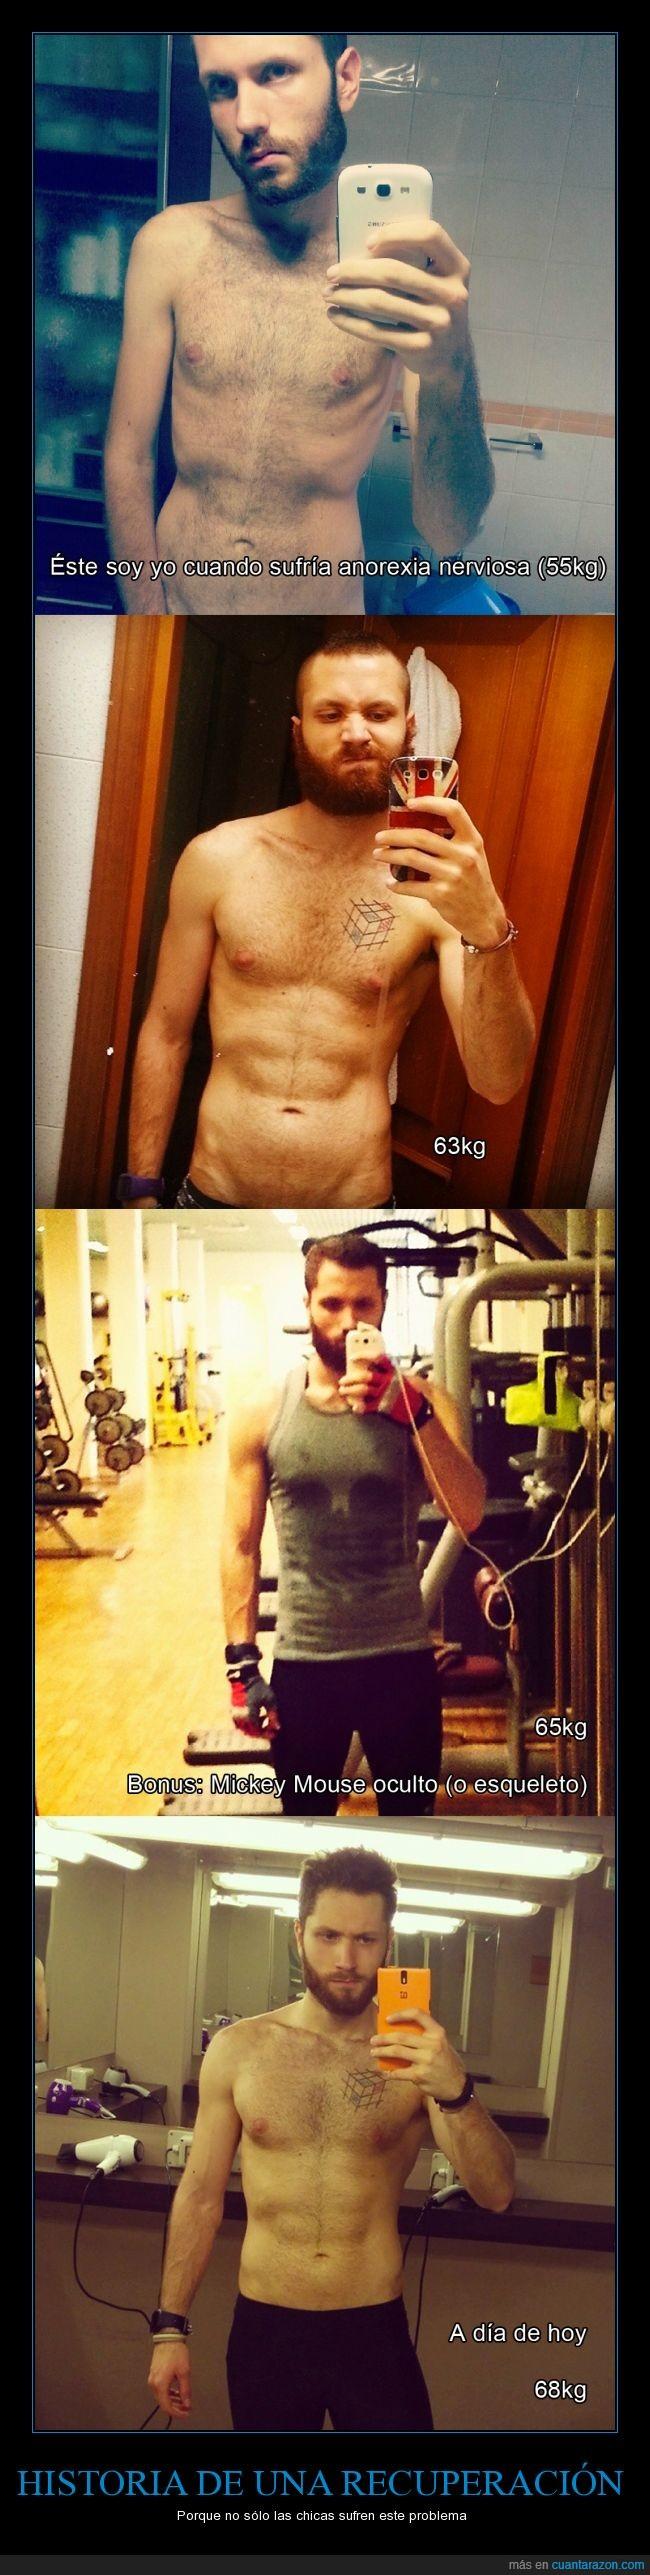 anorexia,anorexico,Antonio Cali,curación recuperación,gimnasio,nerviosa,peso,recuperación,salud,sano